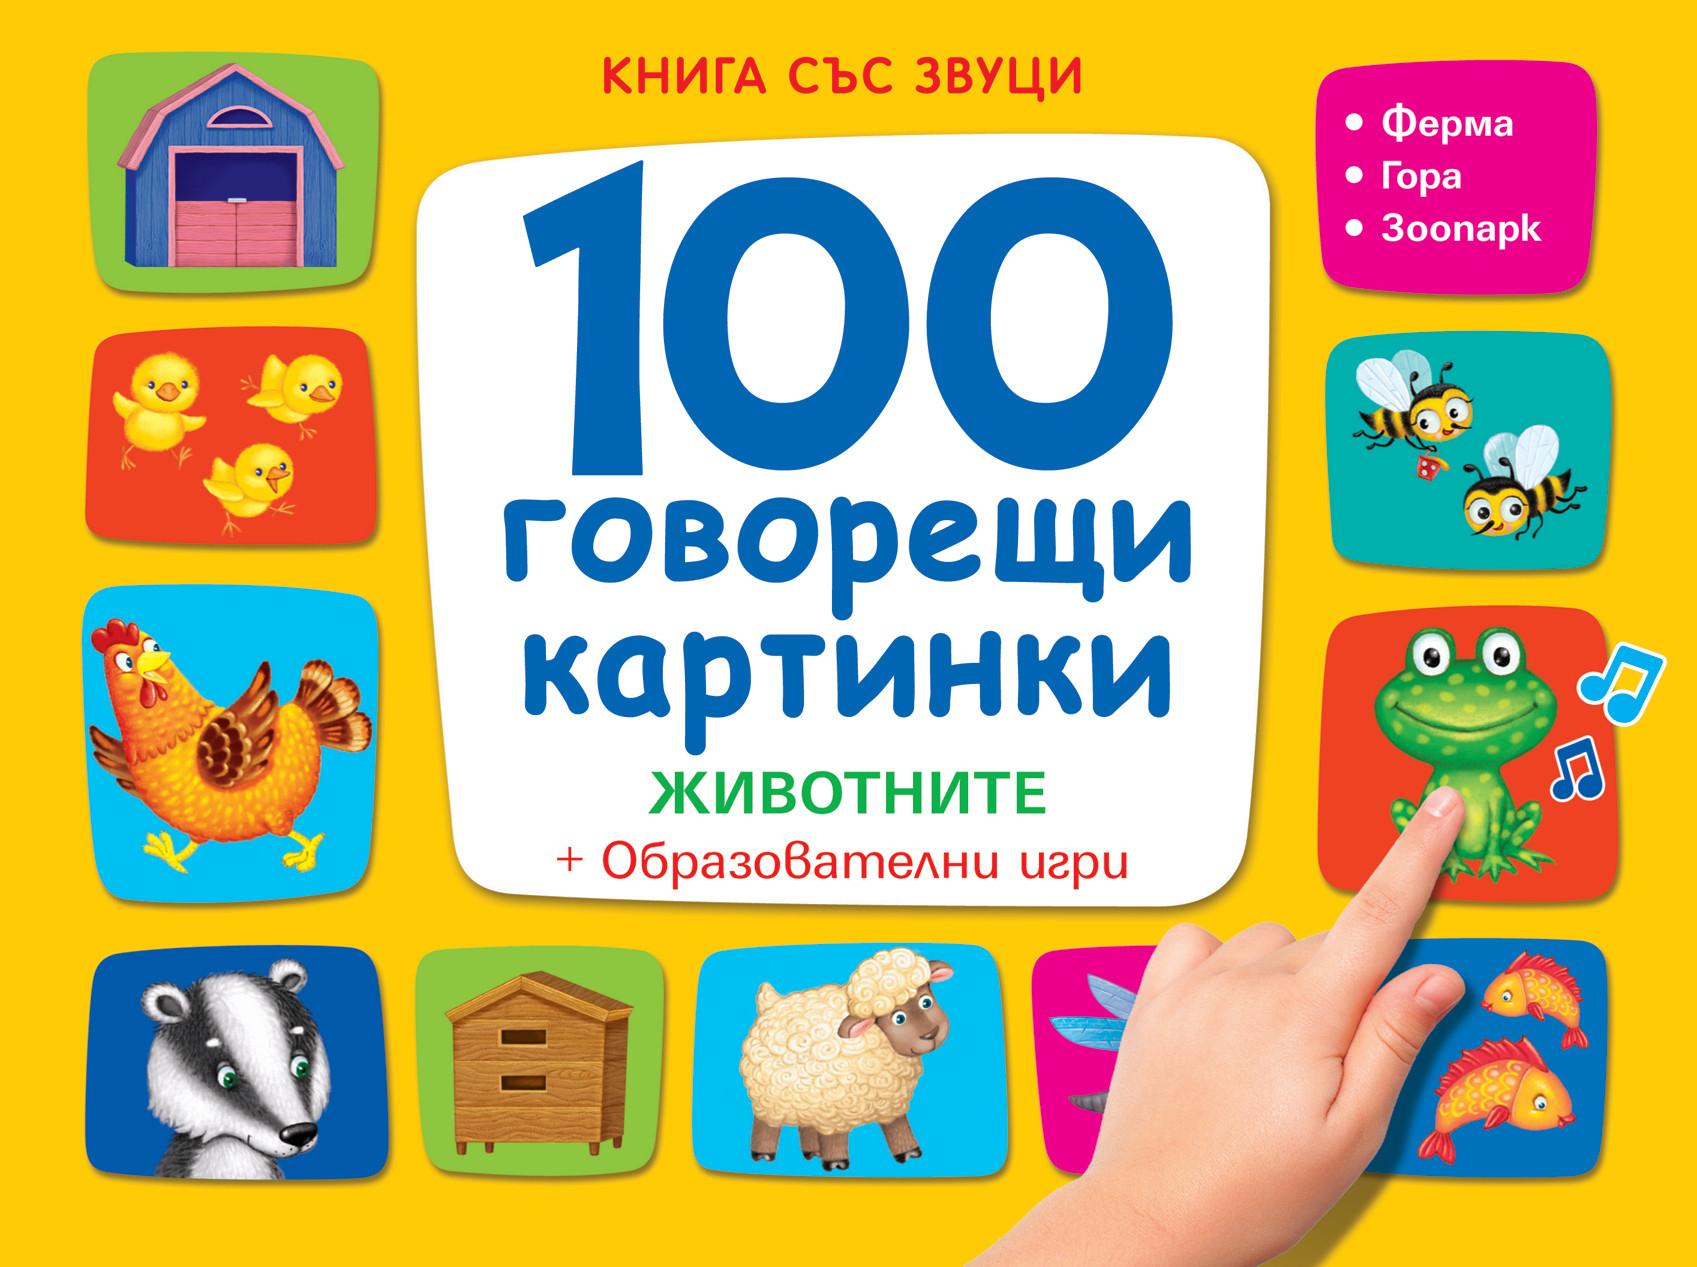 100 ГОВОРЕЩИ КАРТИНКИ • ЖИВОТНИТЕ - Книга със звуци